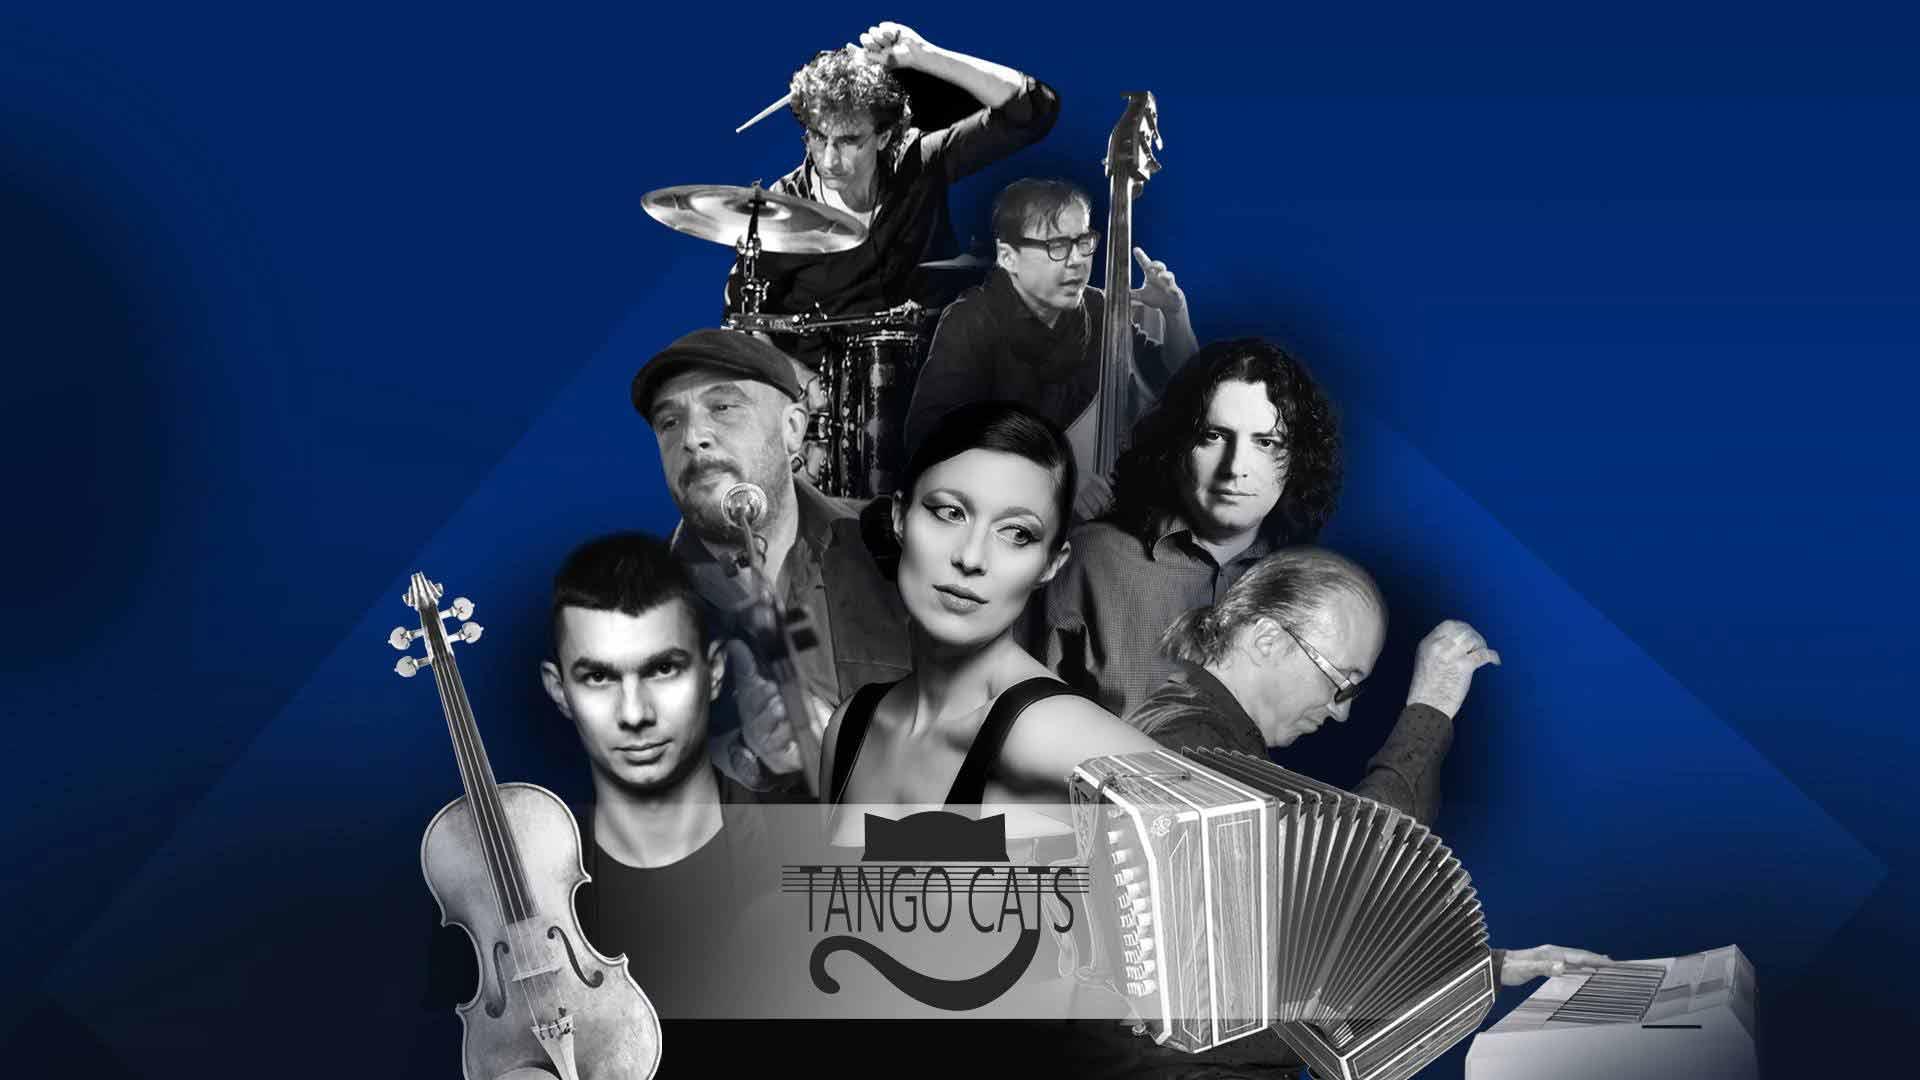 30 май 2019 г. 20:00 ч. City Stage | Една нощ в Буенос Айрес - Sofia Tango Pre-Festival Concert